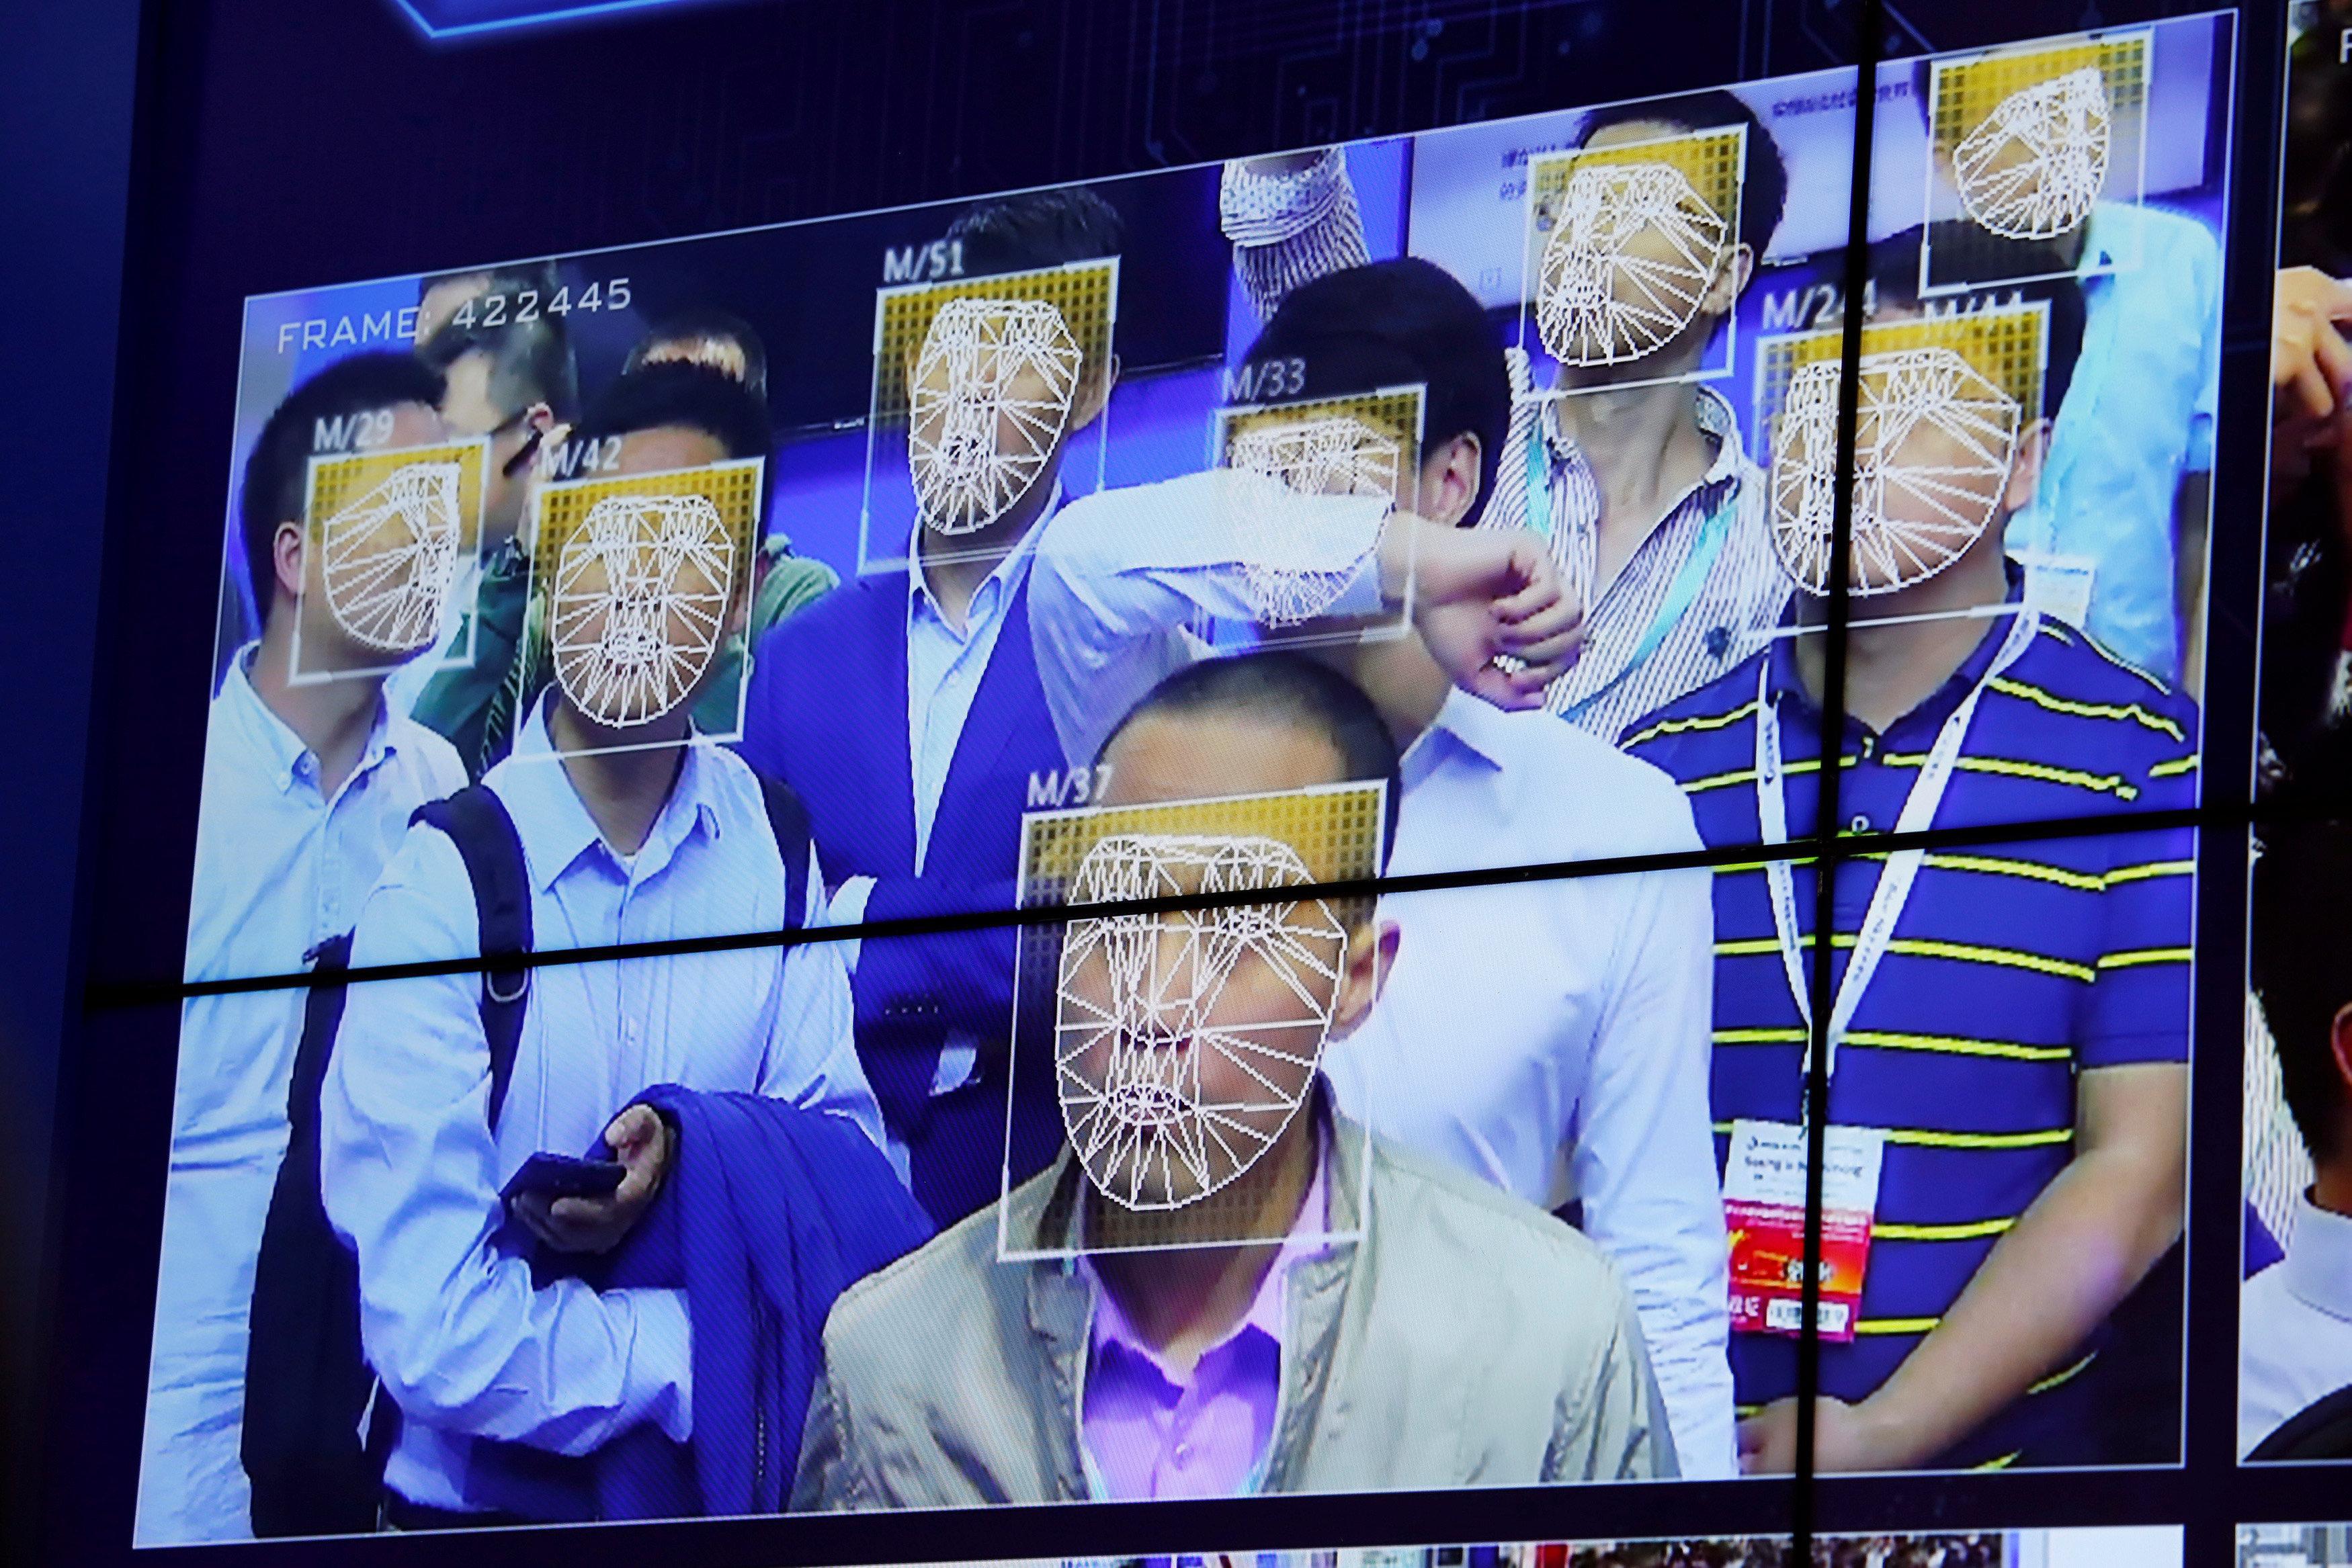 Gesichtserkennung markiert Tausende versehentlich als Kriminelle